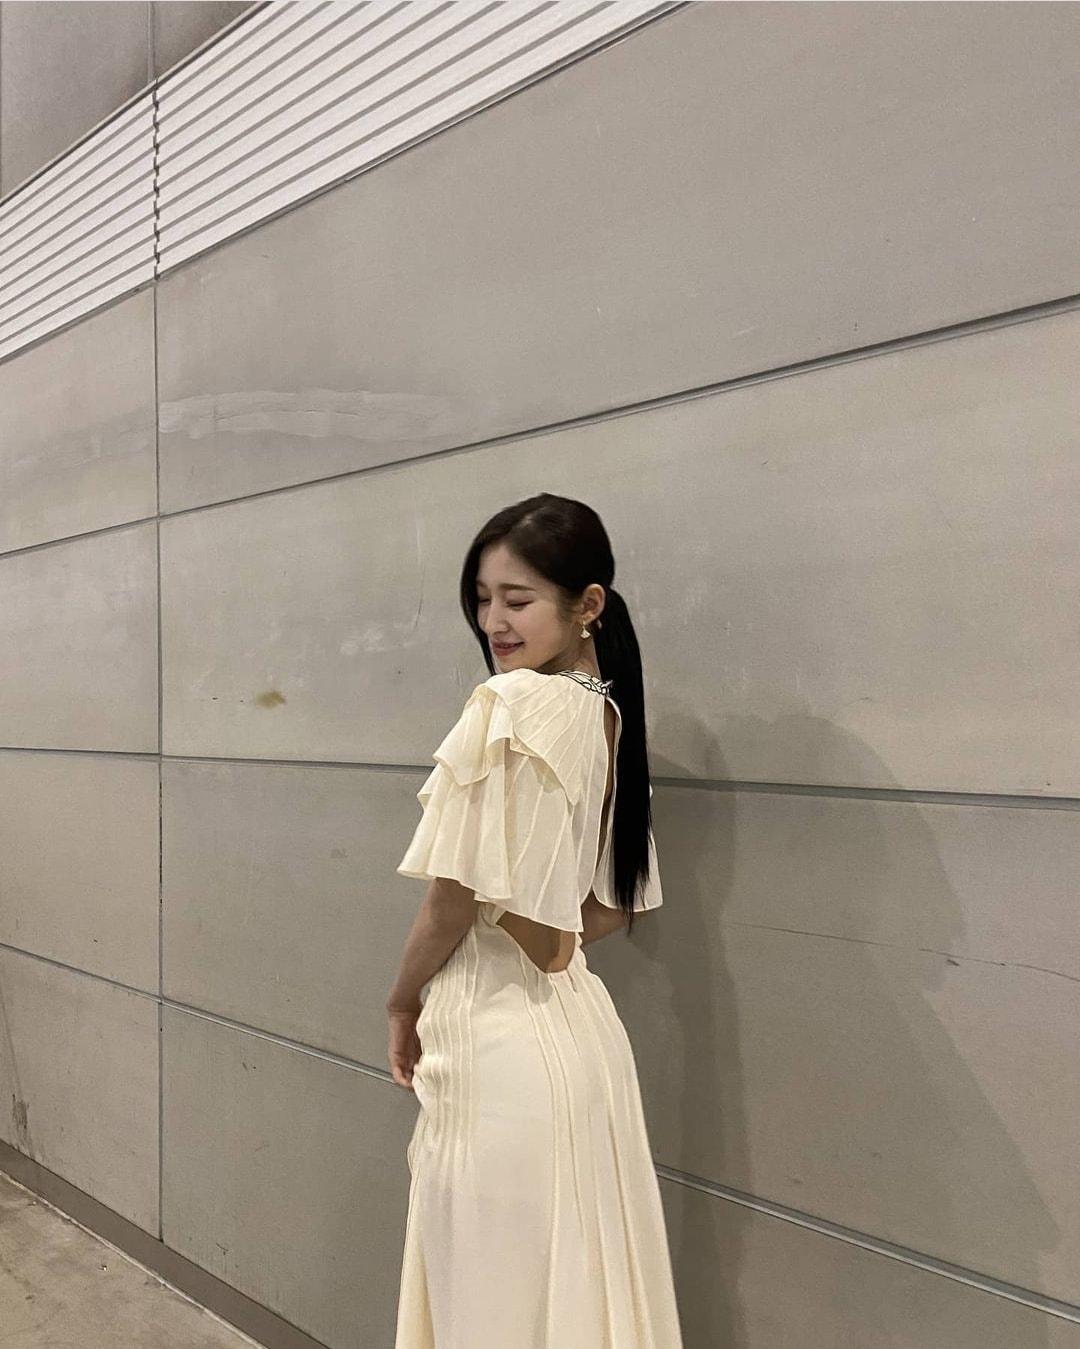 Cùng kiểu váy cùng cách lên đồ nhưng Park Min Young vẫn lấn lướt hơn hẳn Arin (Oh My Girl) với thần thái của một diễn viên  - Ảnh 6.